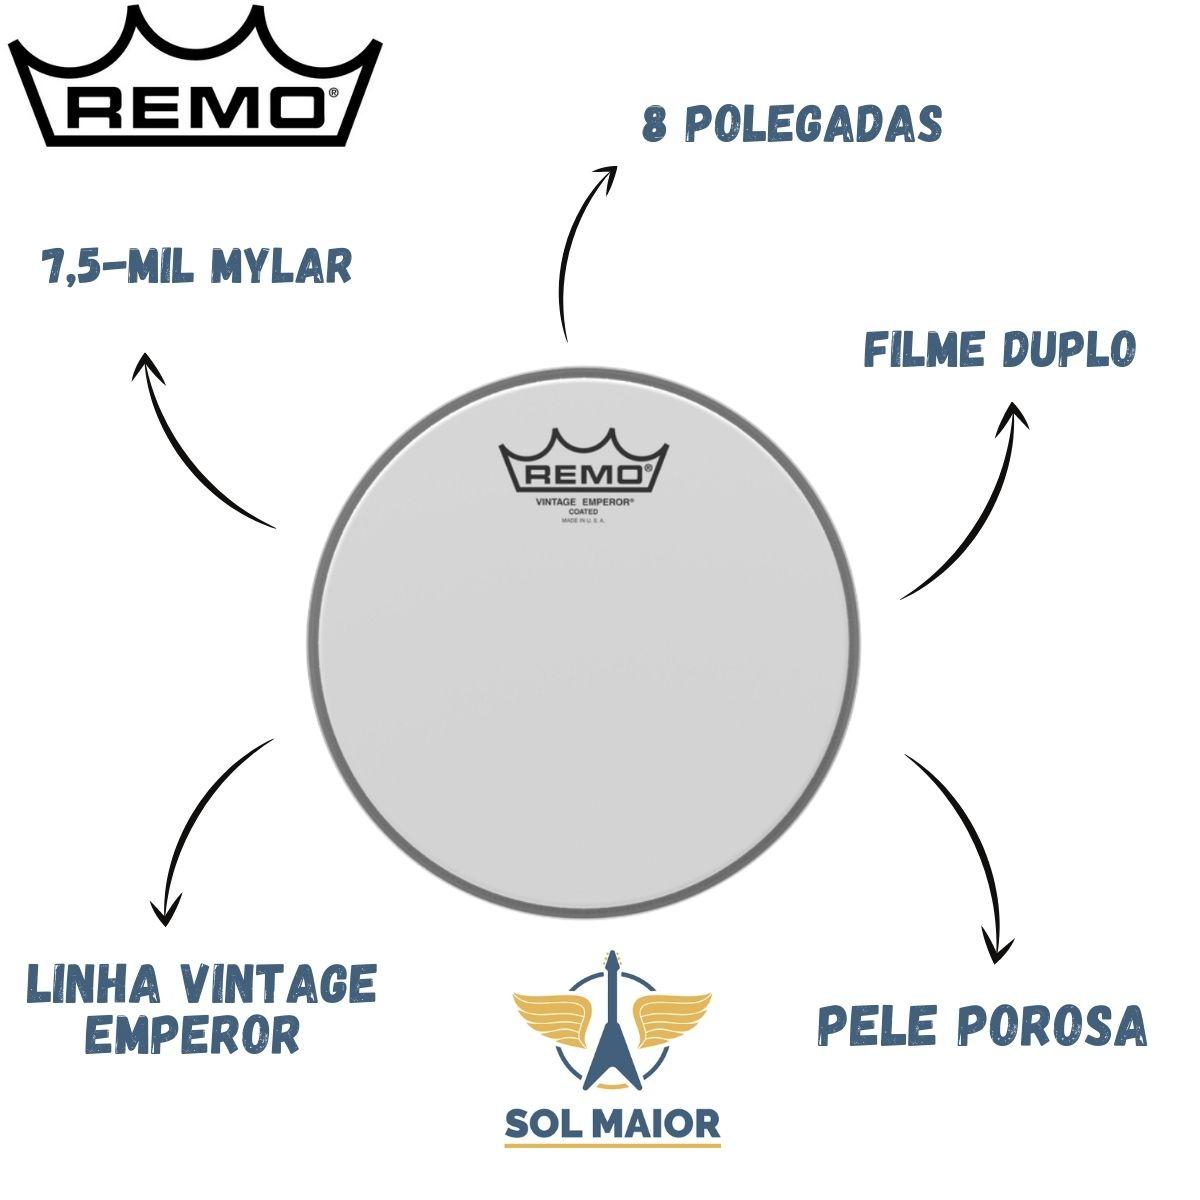 Pele Remo de 8 Polegadas Vintage Emperor Porosa VE-0108-00